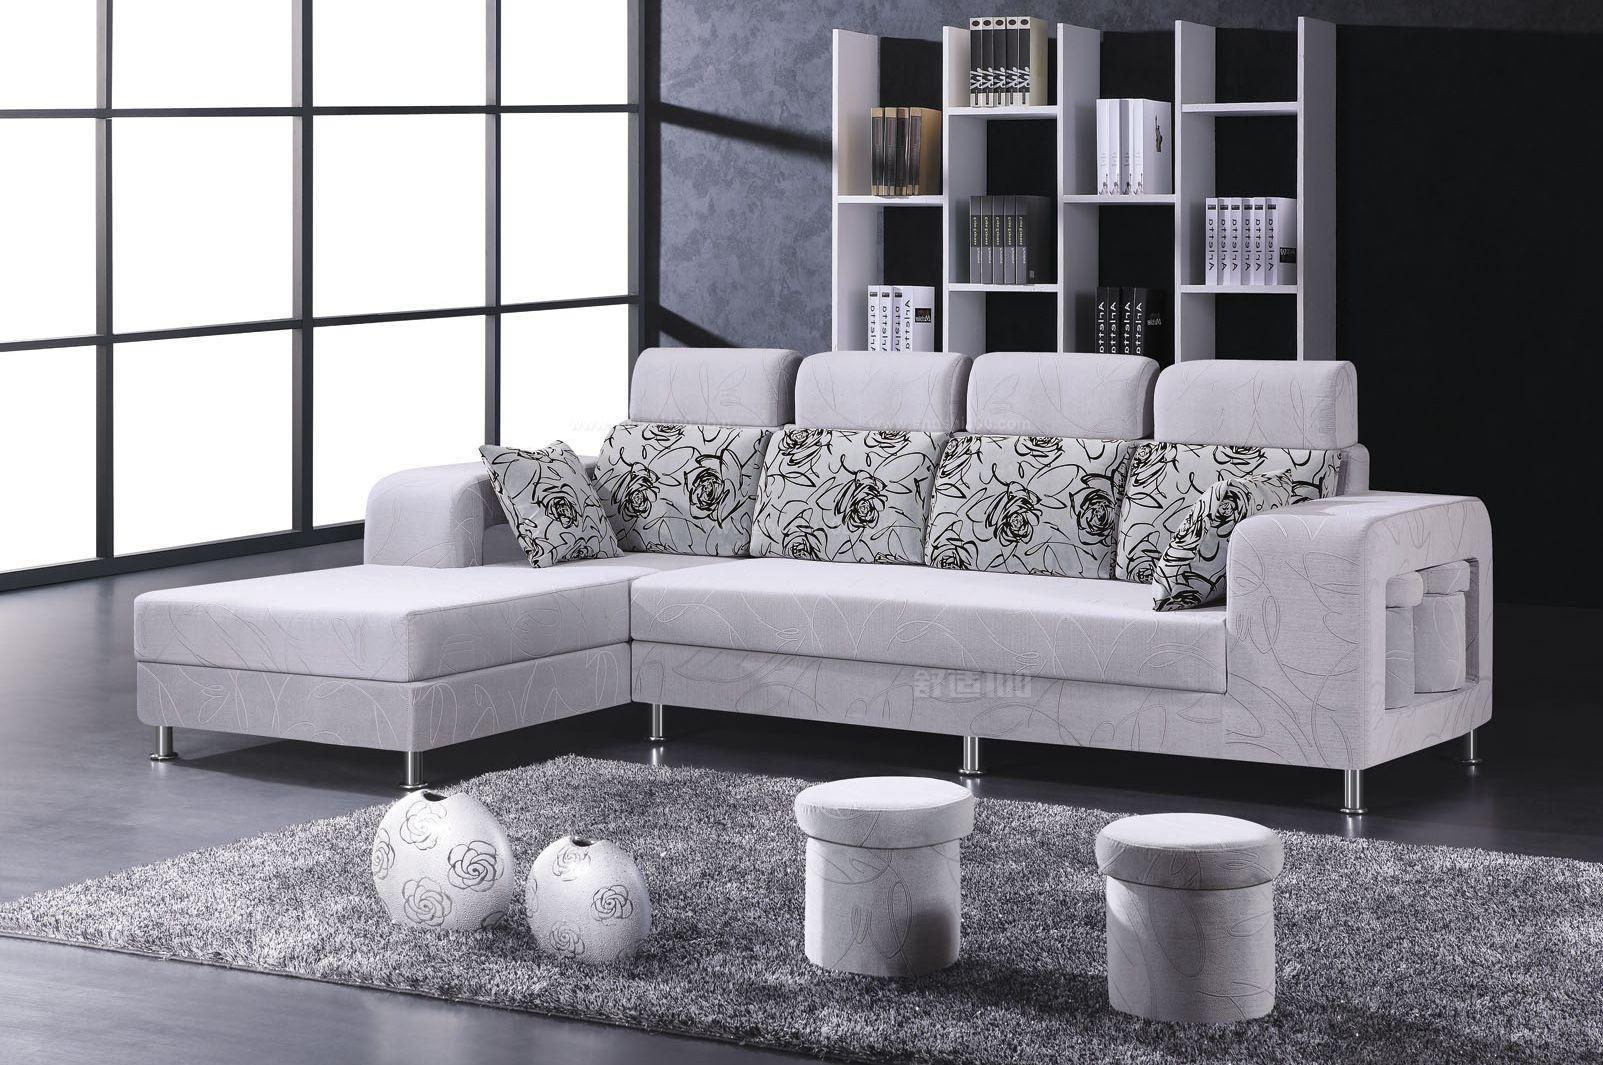 布艺沙发如何保养 布艺沙发的保养方法是什么